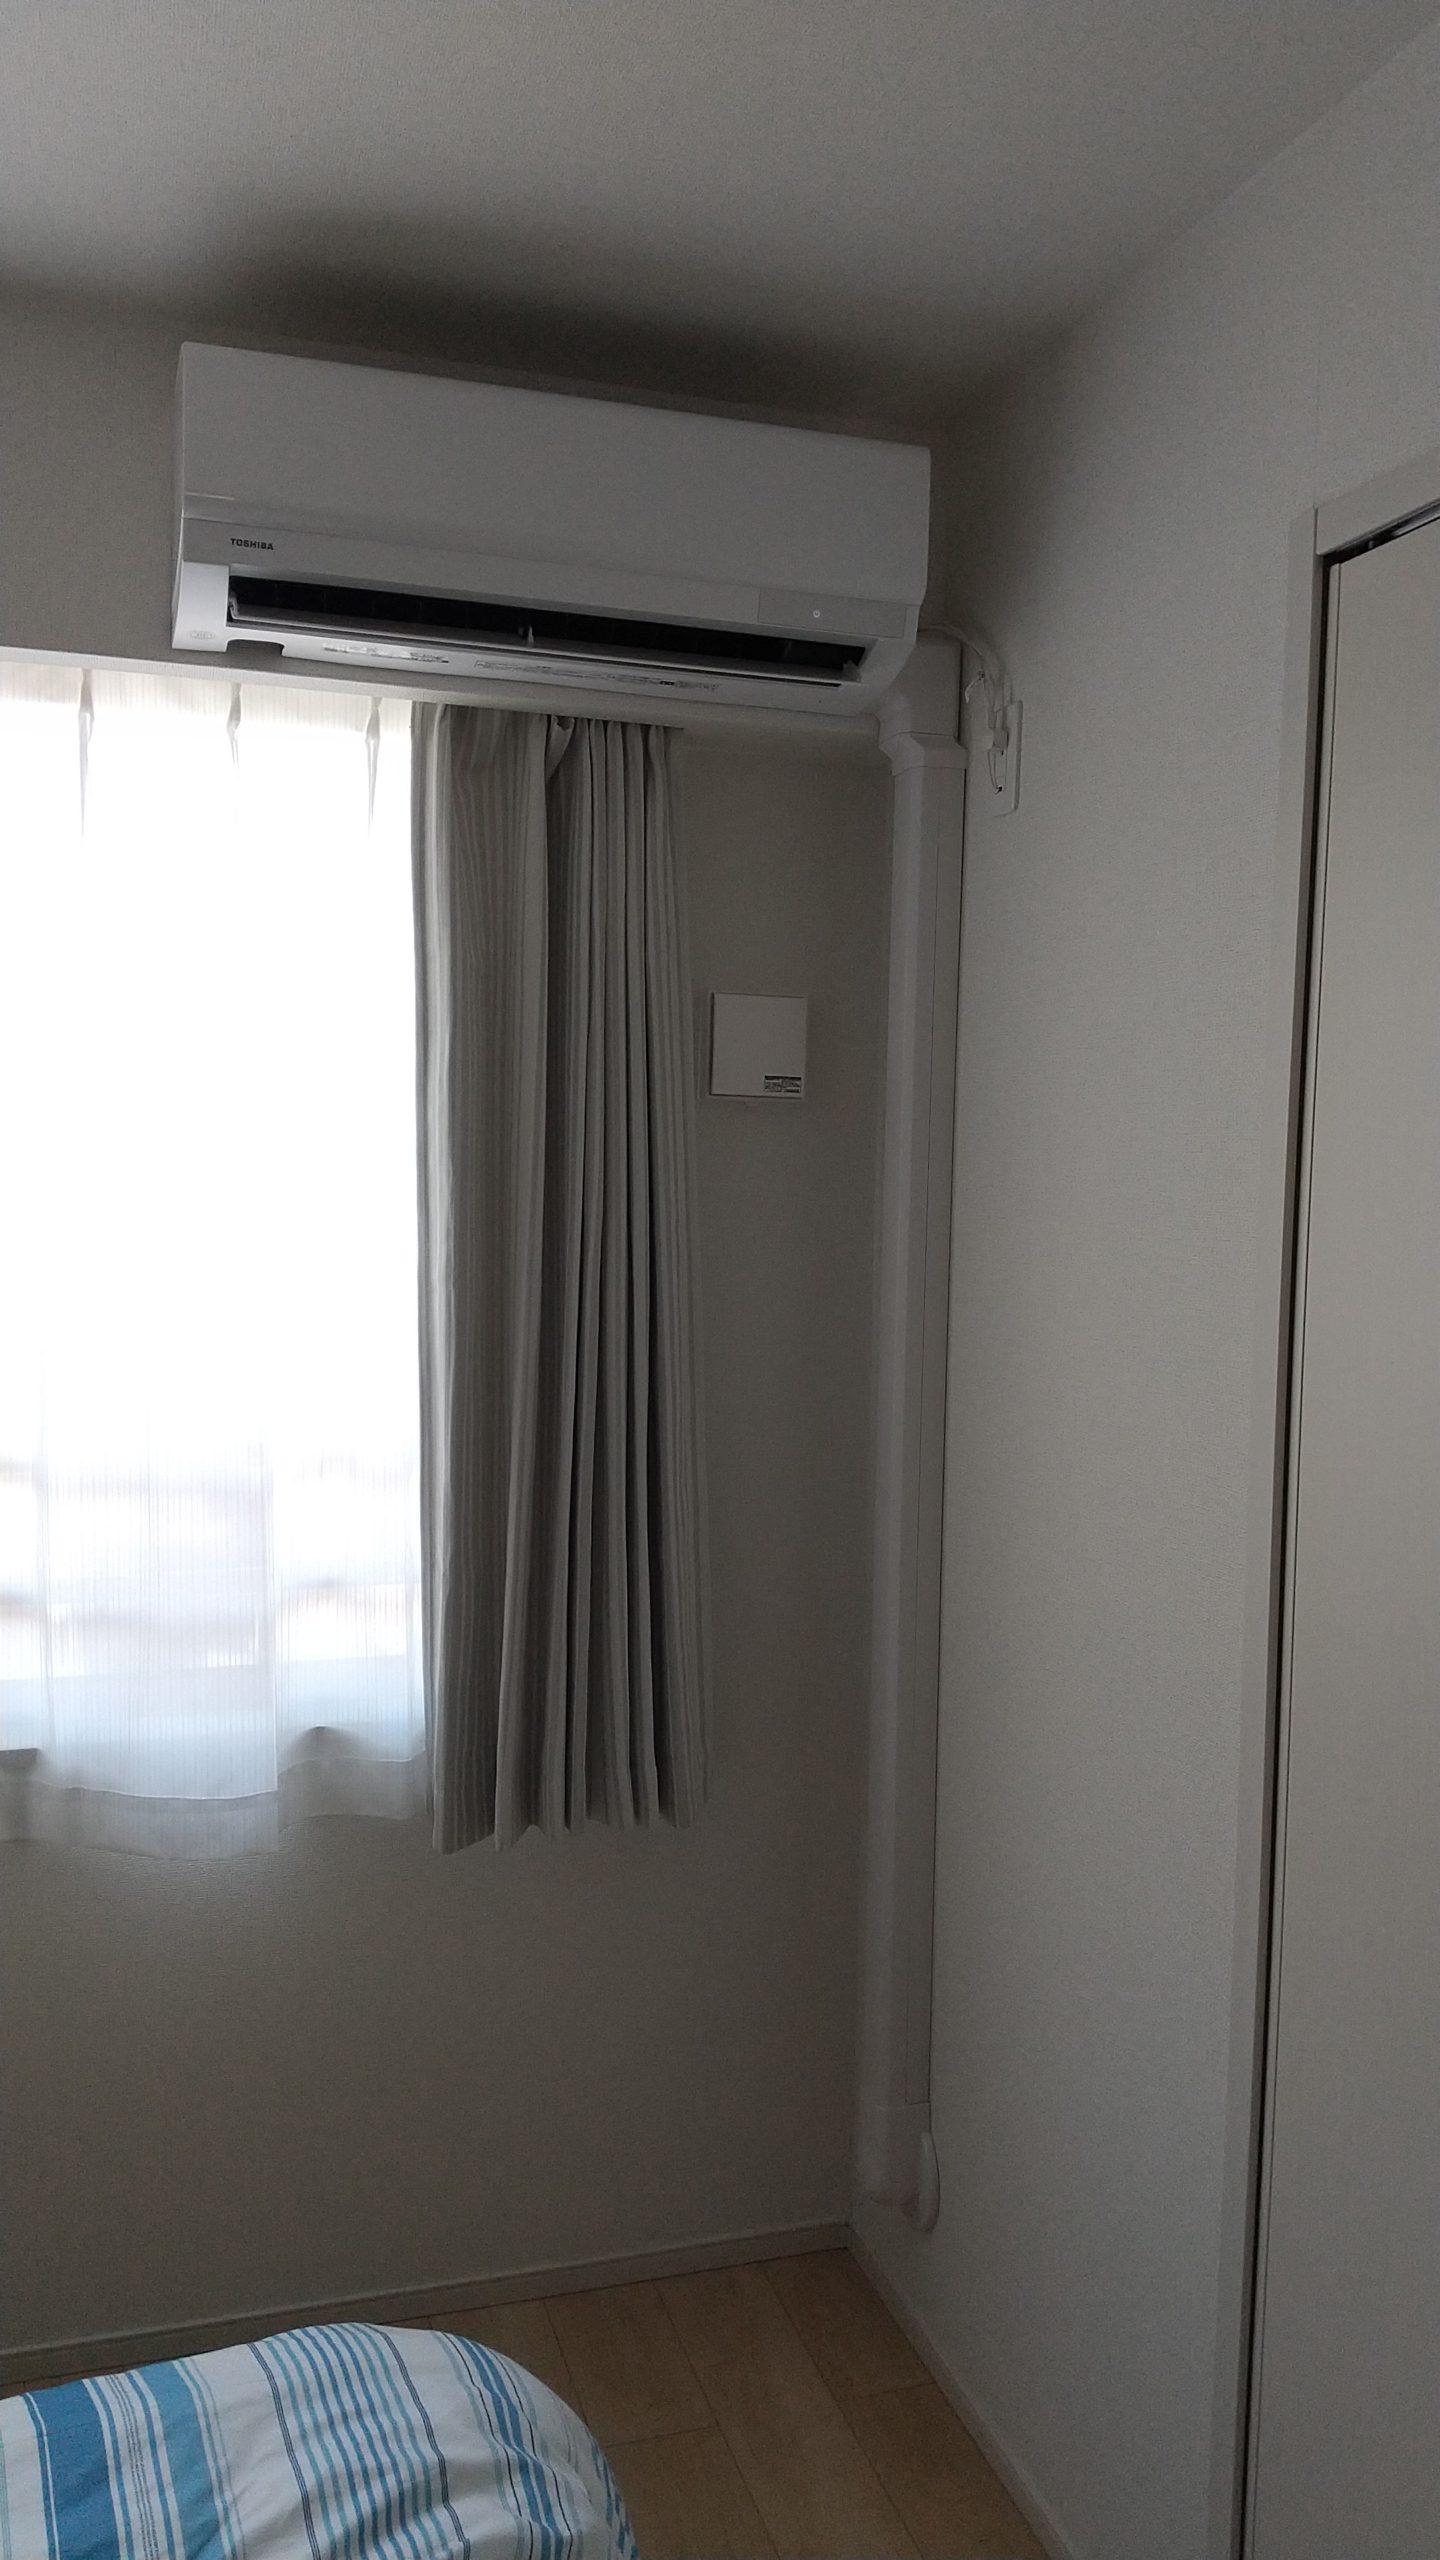 エアコンの移設作業をさせて頂きました。